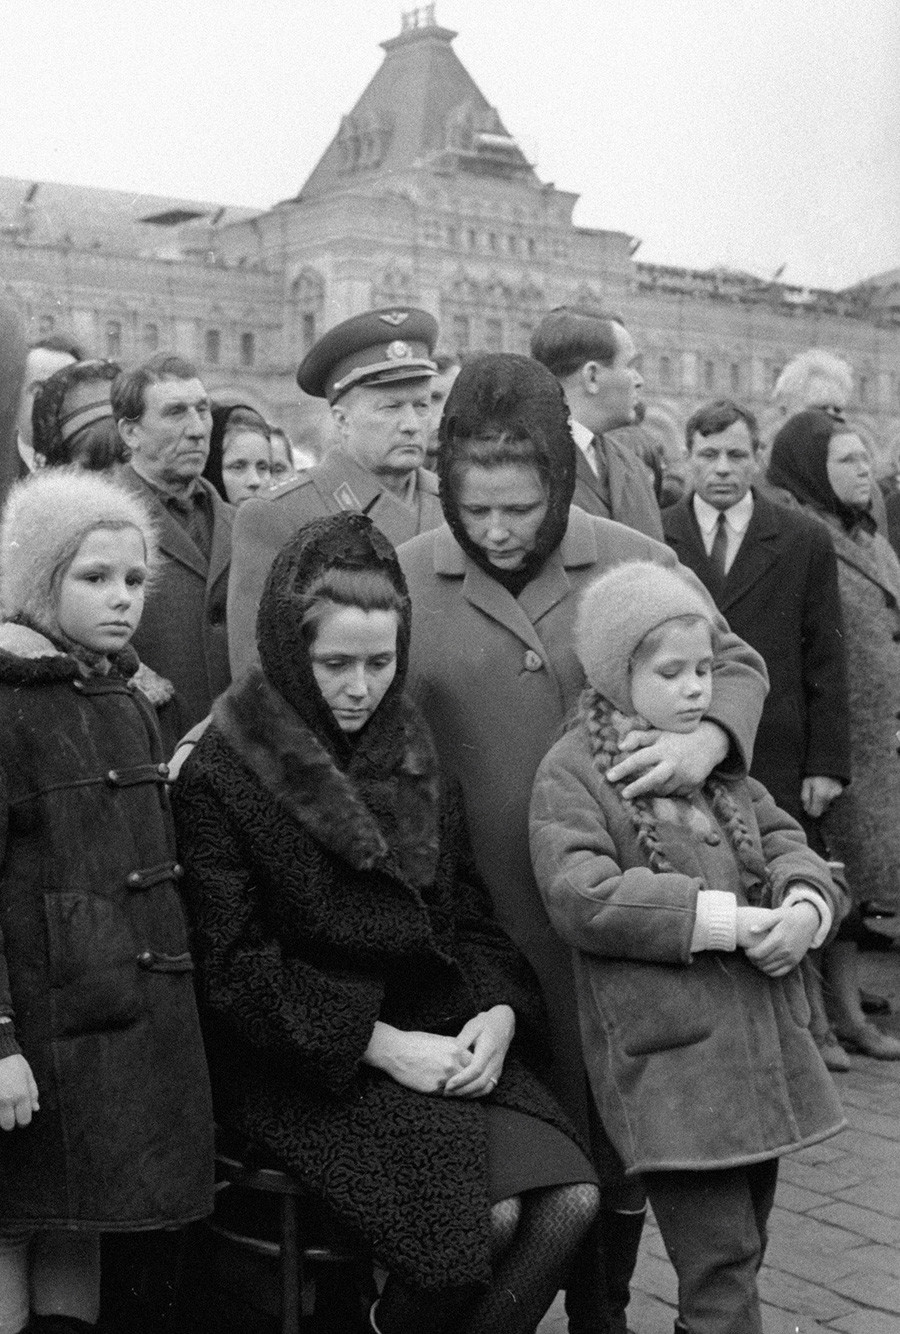 ワレンチナ・ガガーリナと娘たちがユーリ・ガガーリンのお葬式に出席、1968年3月30日